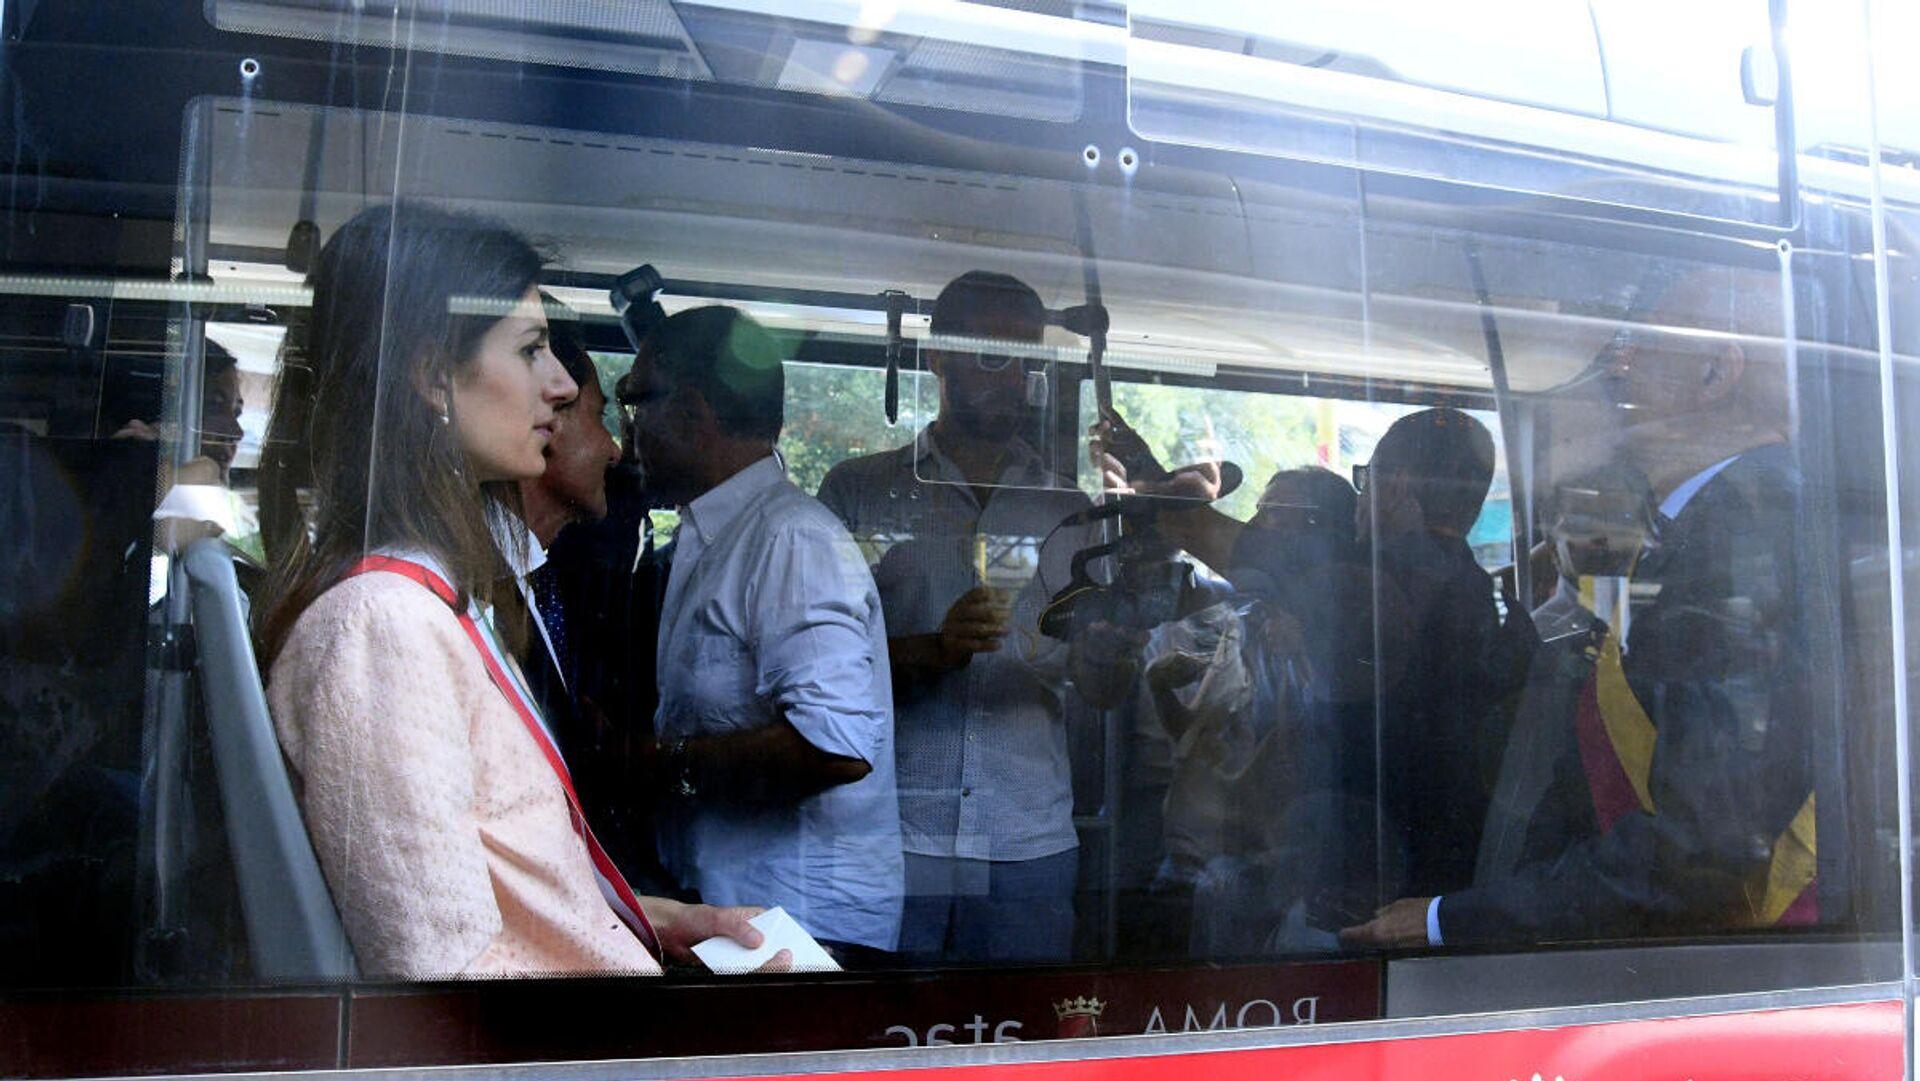 La sindaca Virginia Raggi inaugura il Corridoio Laurentino, ovvero il tratto di corsia preferenziale per autobus su via Laurentina - Sputnik Italia, 1920, 04.09.2021